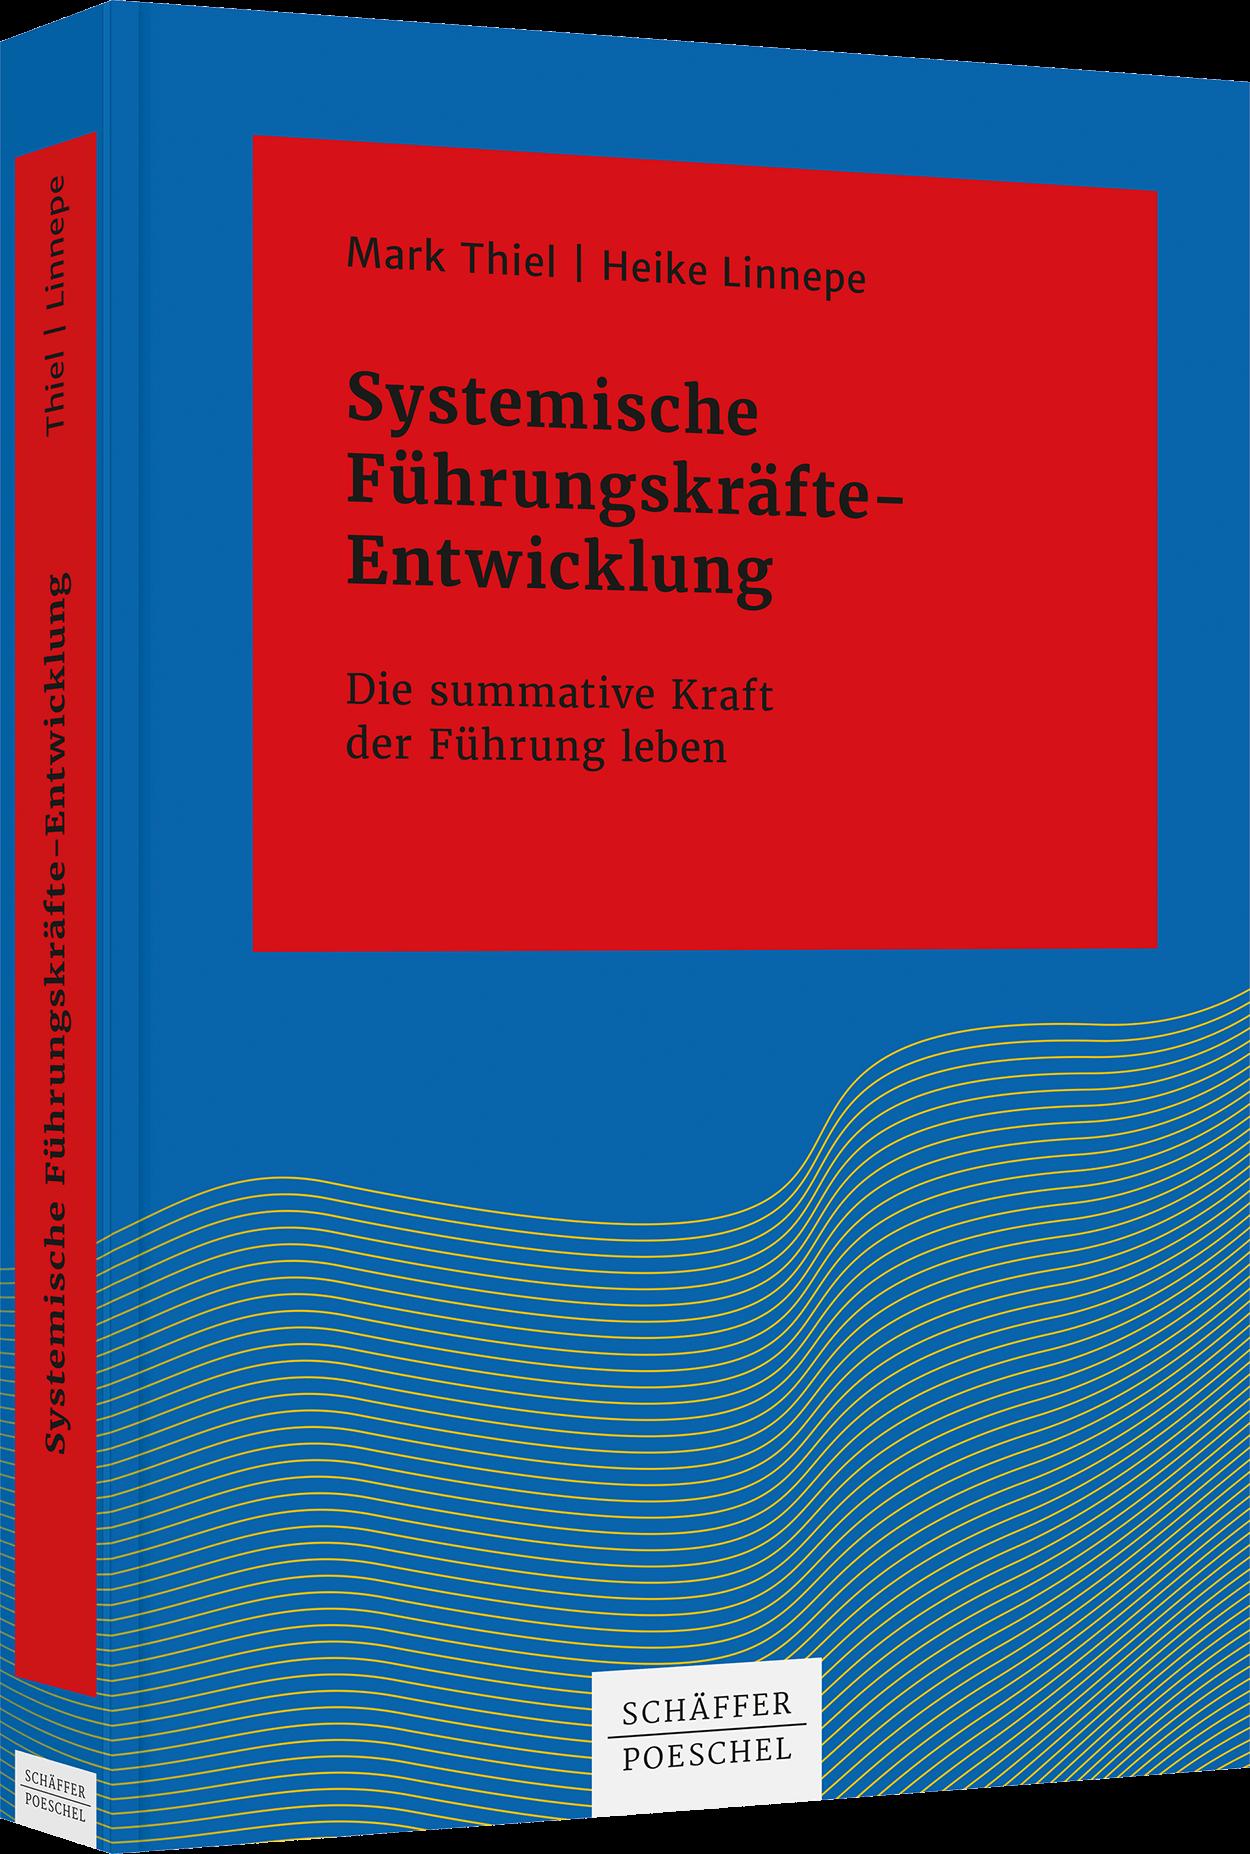 Buchcover: Systemische Führungskräfte-Entwicklung.